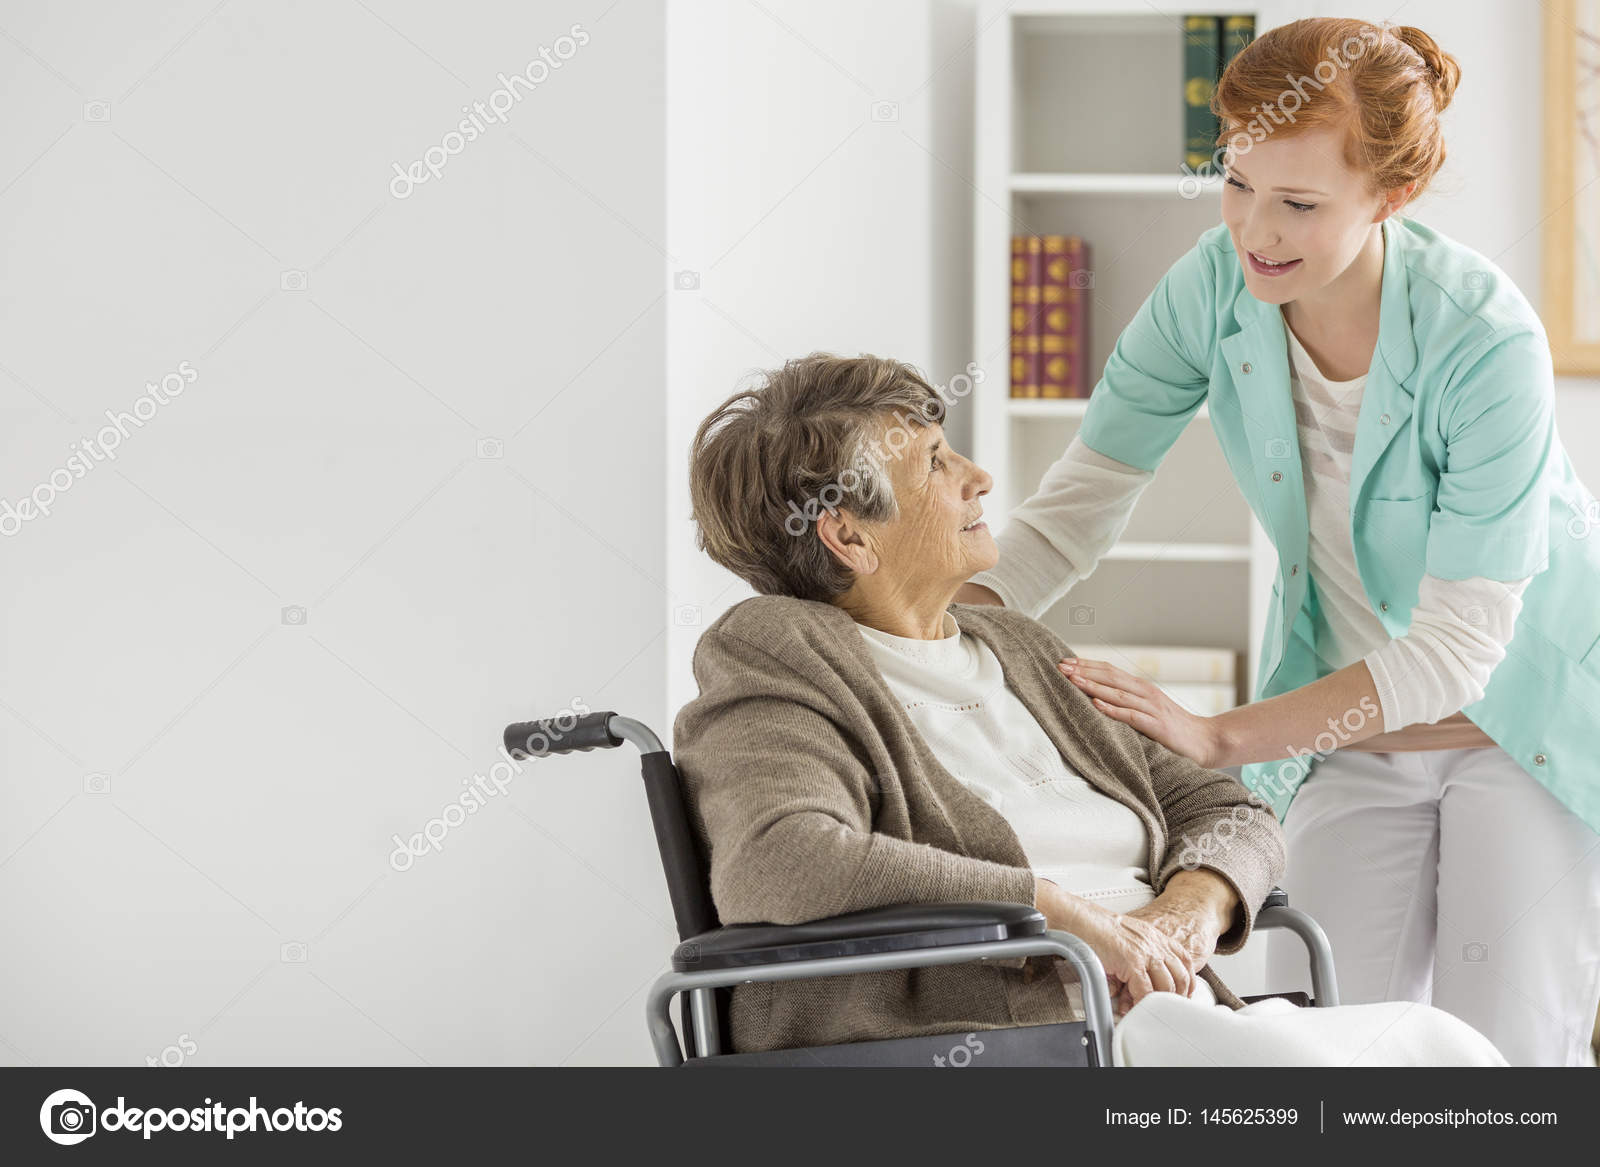 Воспитатель в доме престарелых как определить в дома престарелых